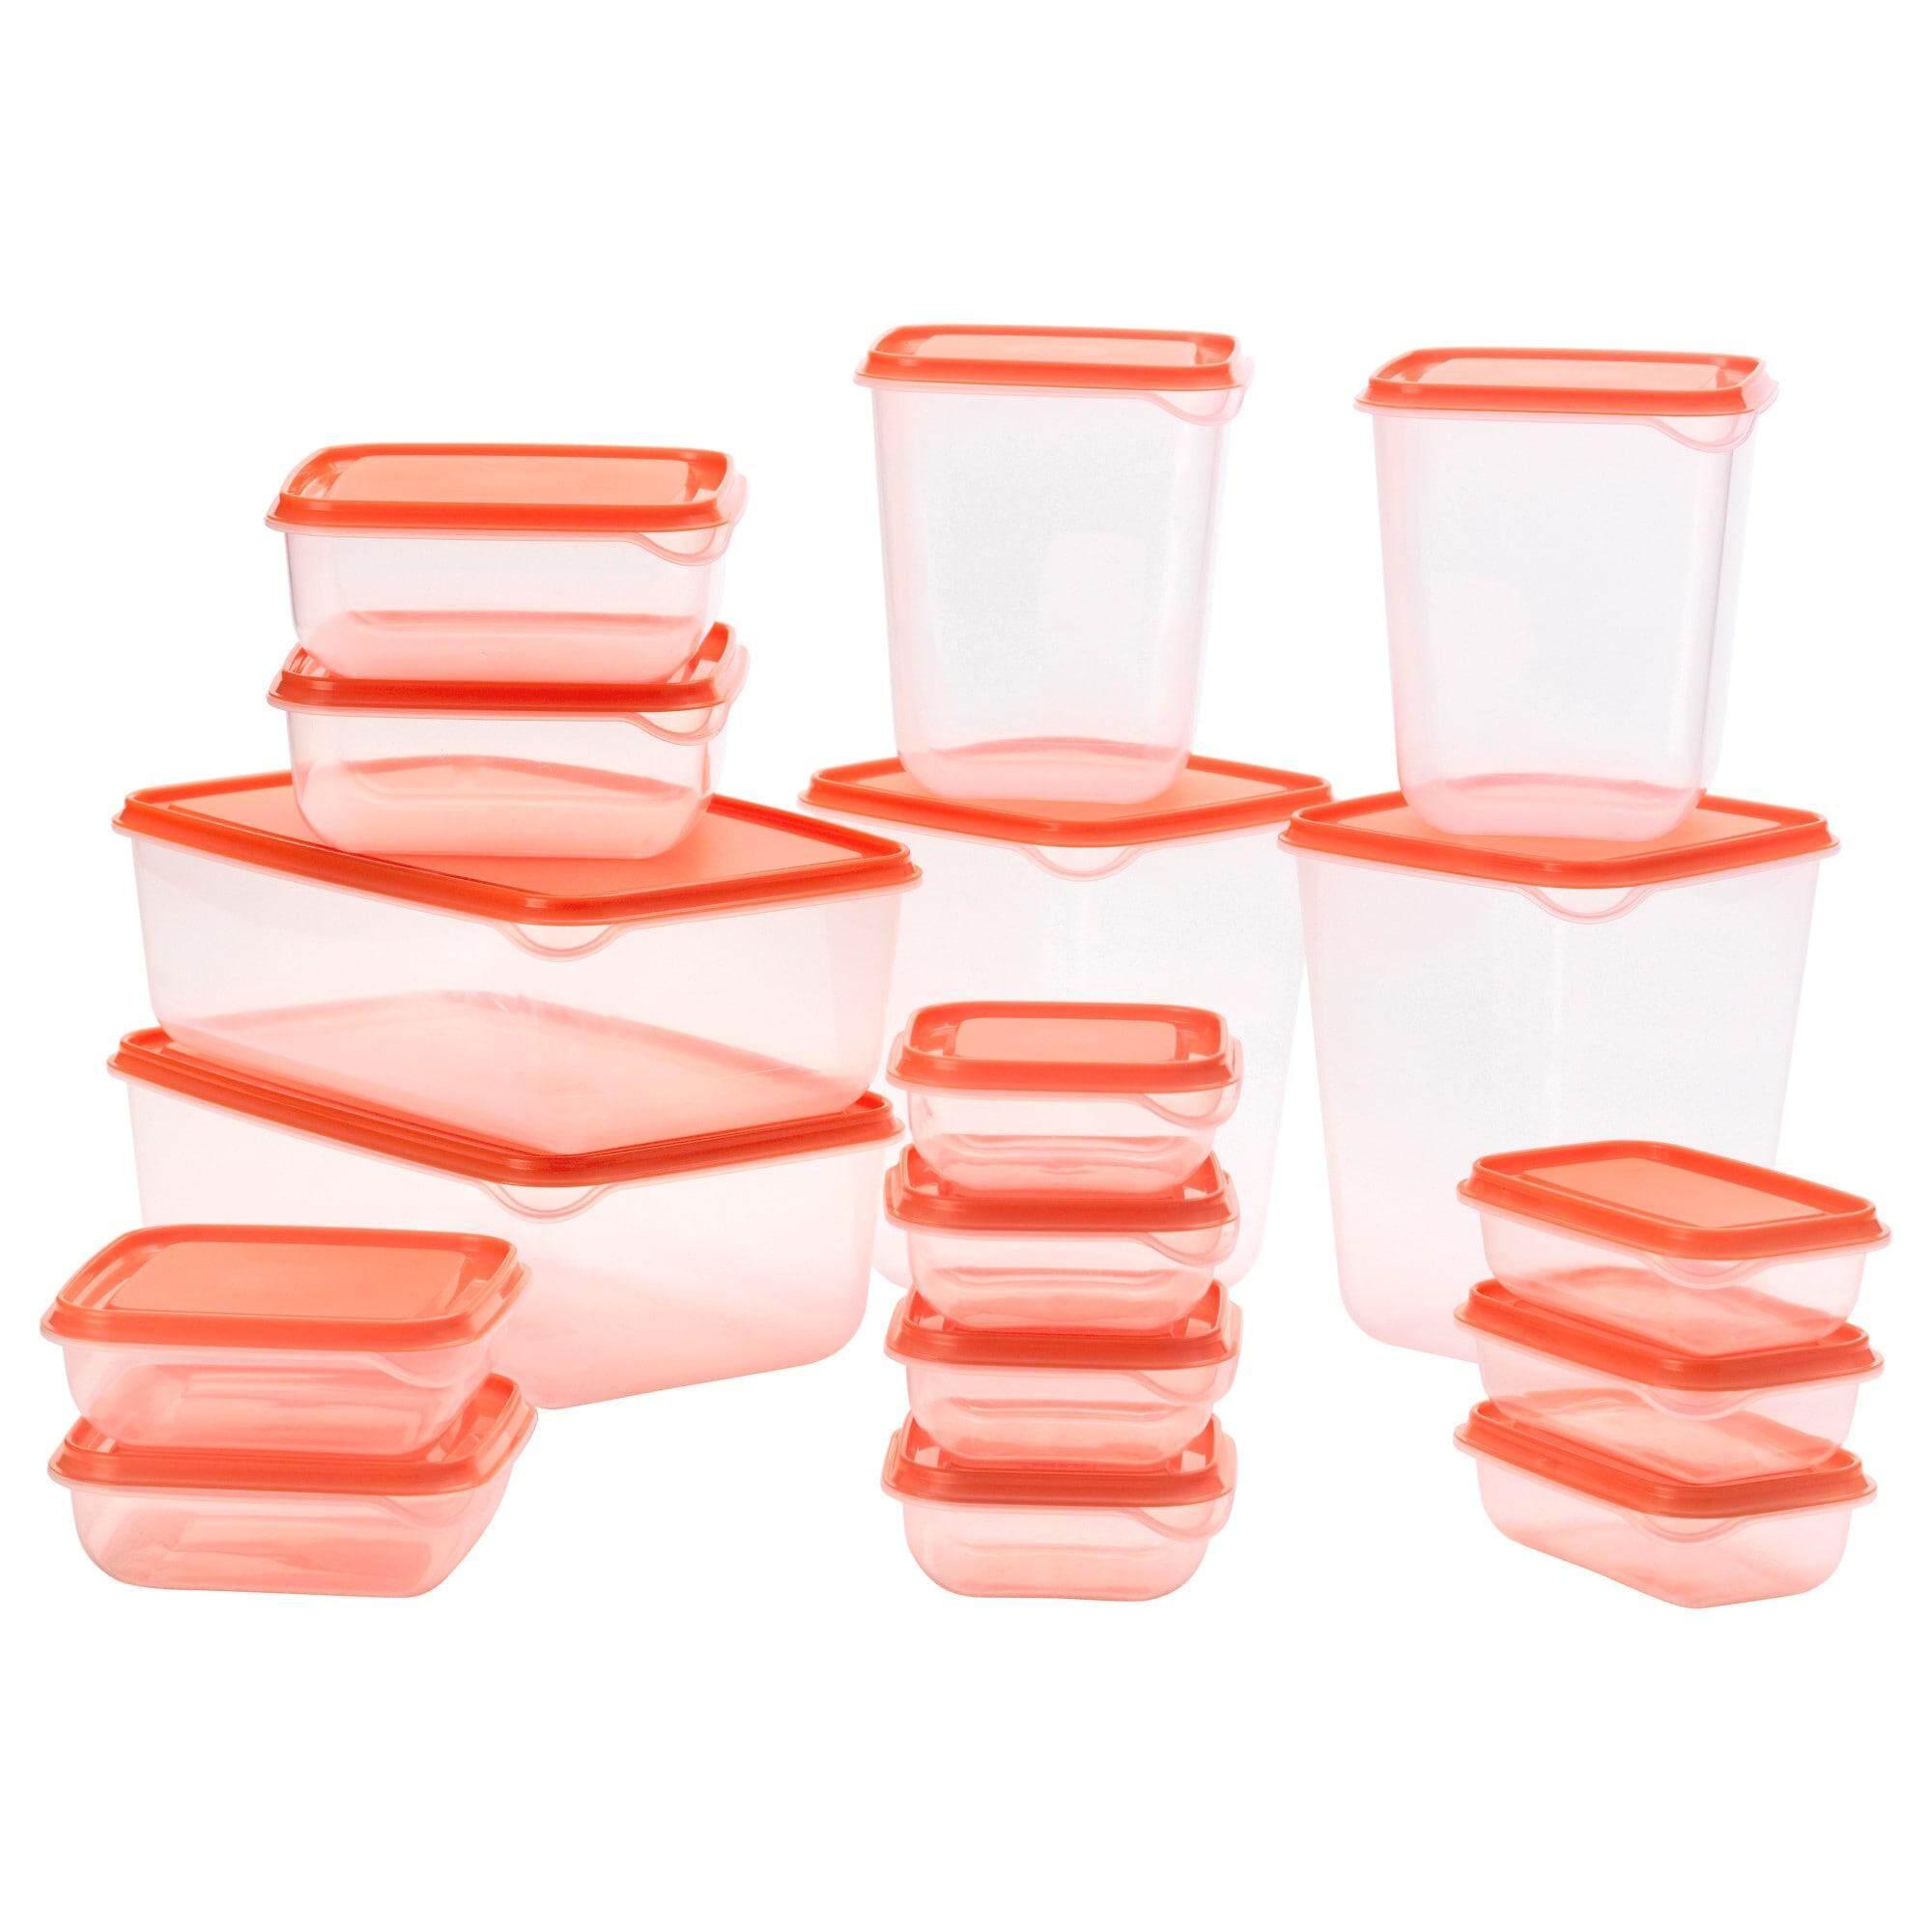 ลดราคา Pruta พรูทต้า ชุดกล่องเก็บอาหาร 17 ชิ้น ใส จาก Ikea By Tookstuta.